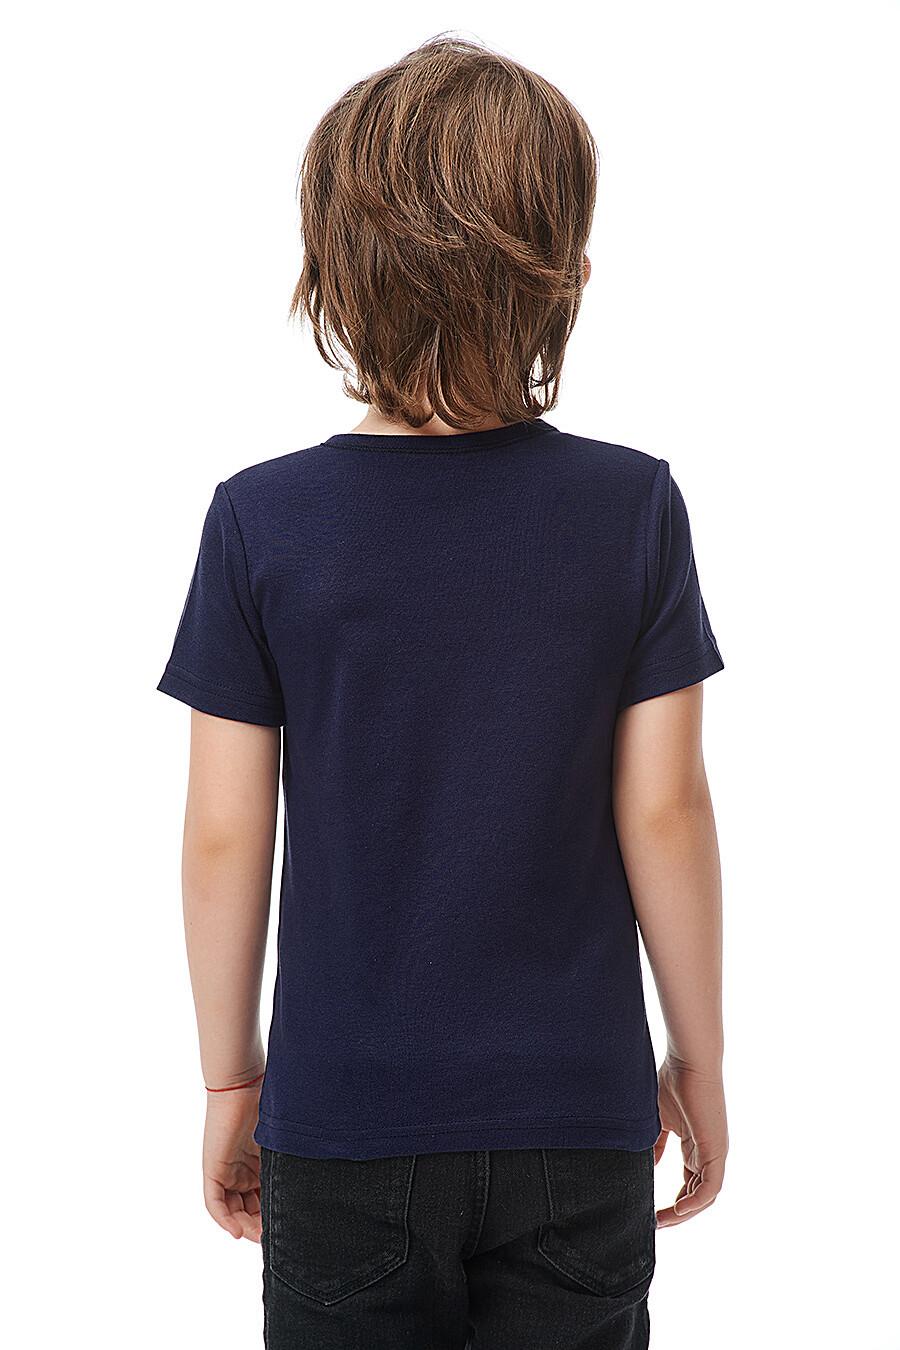 Футболка для мальчиков LUCKY CHILD 184694 купить оптом от производителя. Совместная покупка детской одежды в OptMoyo